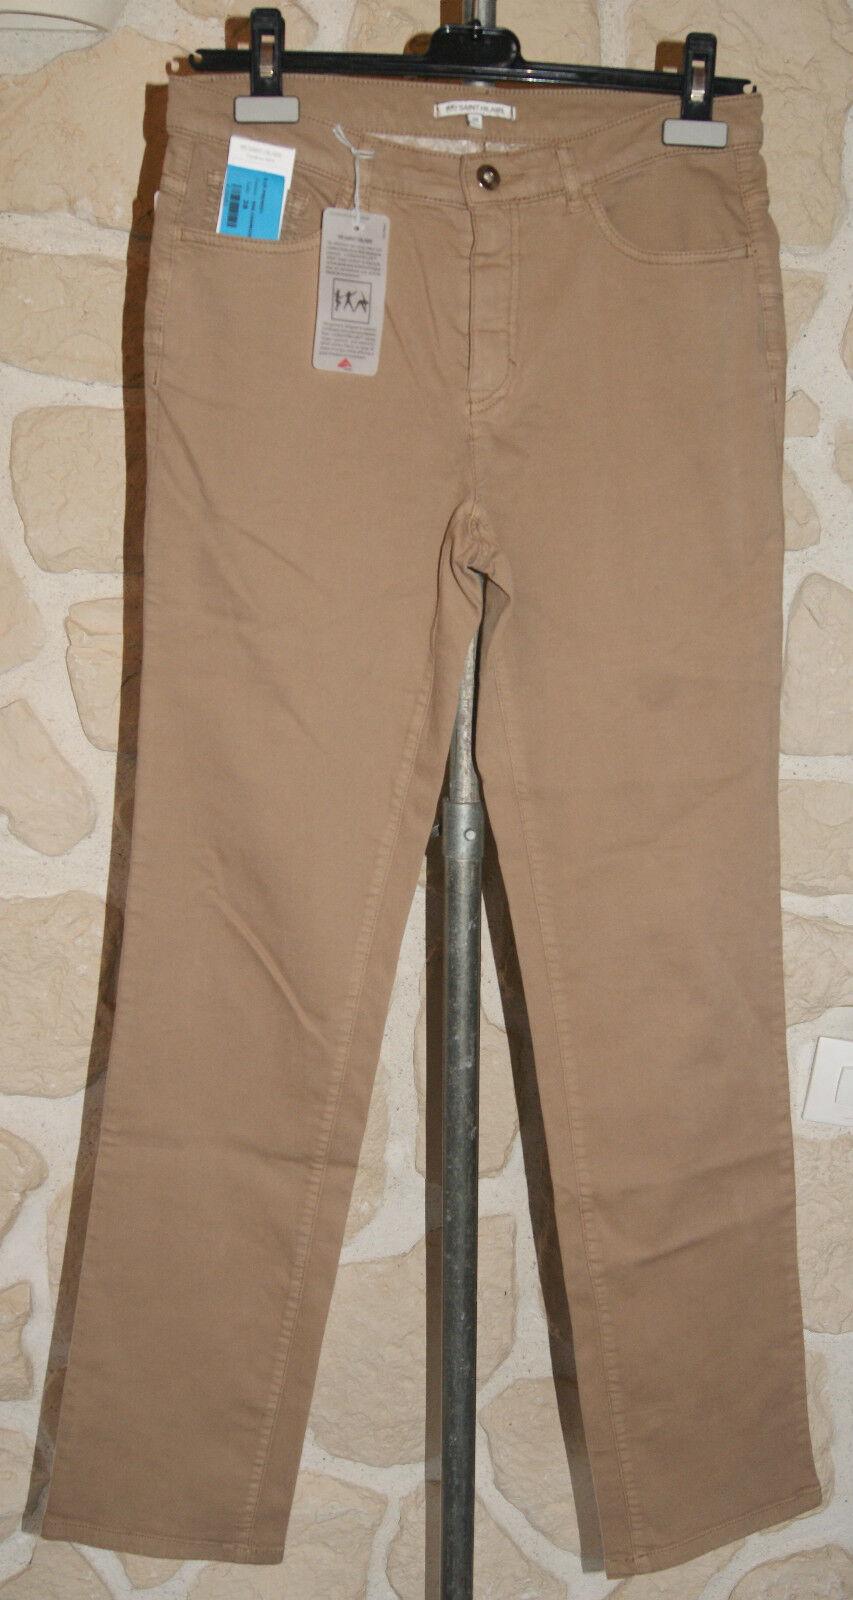 Pantalon chamois neuf Dimensione 44 marque Saint Hilaire regular fit étiqueté à